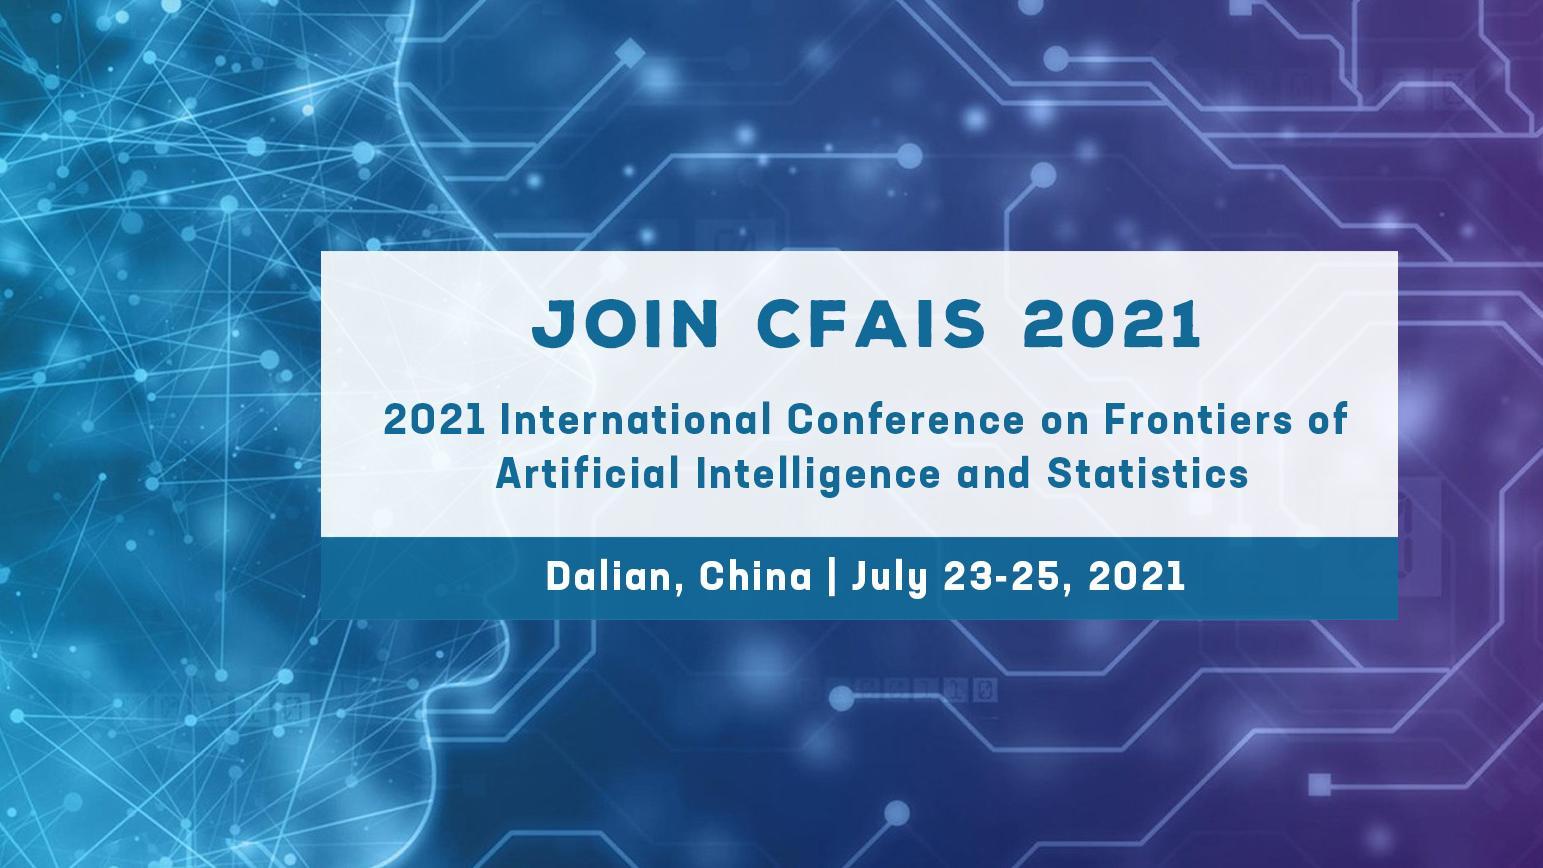 人工智能与统计学前沿国际会议(CFAIS 2021)